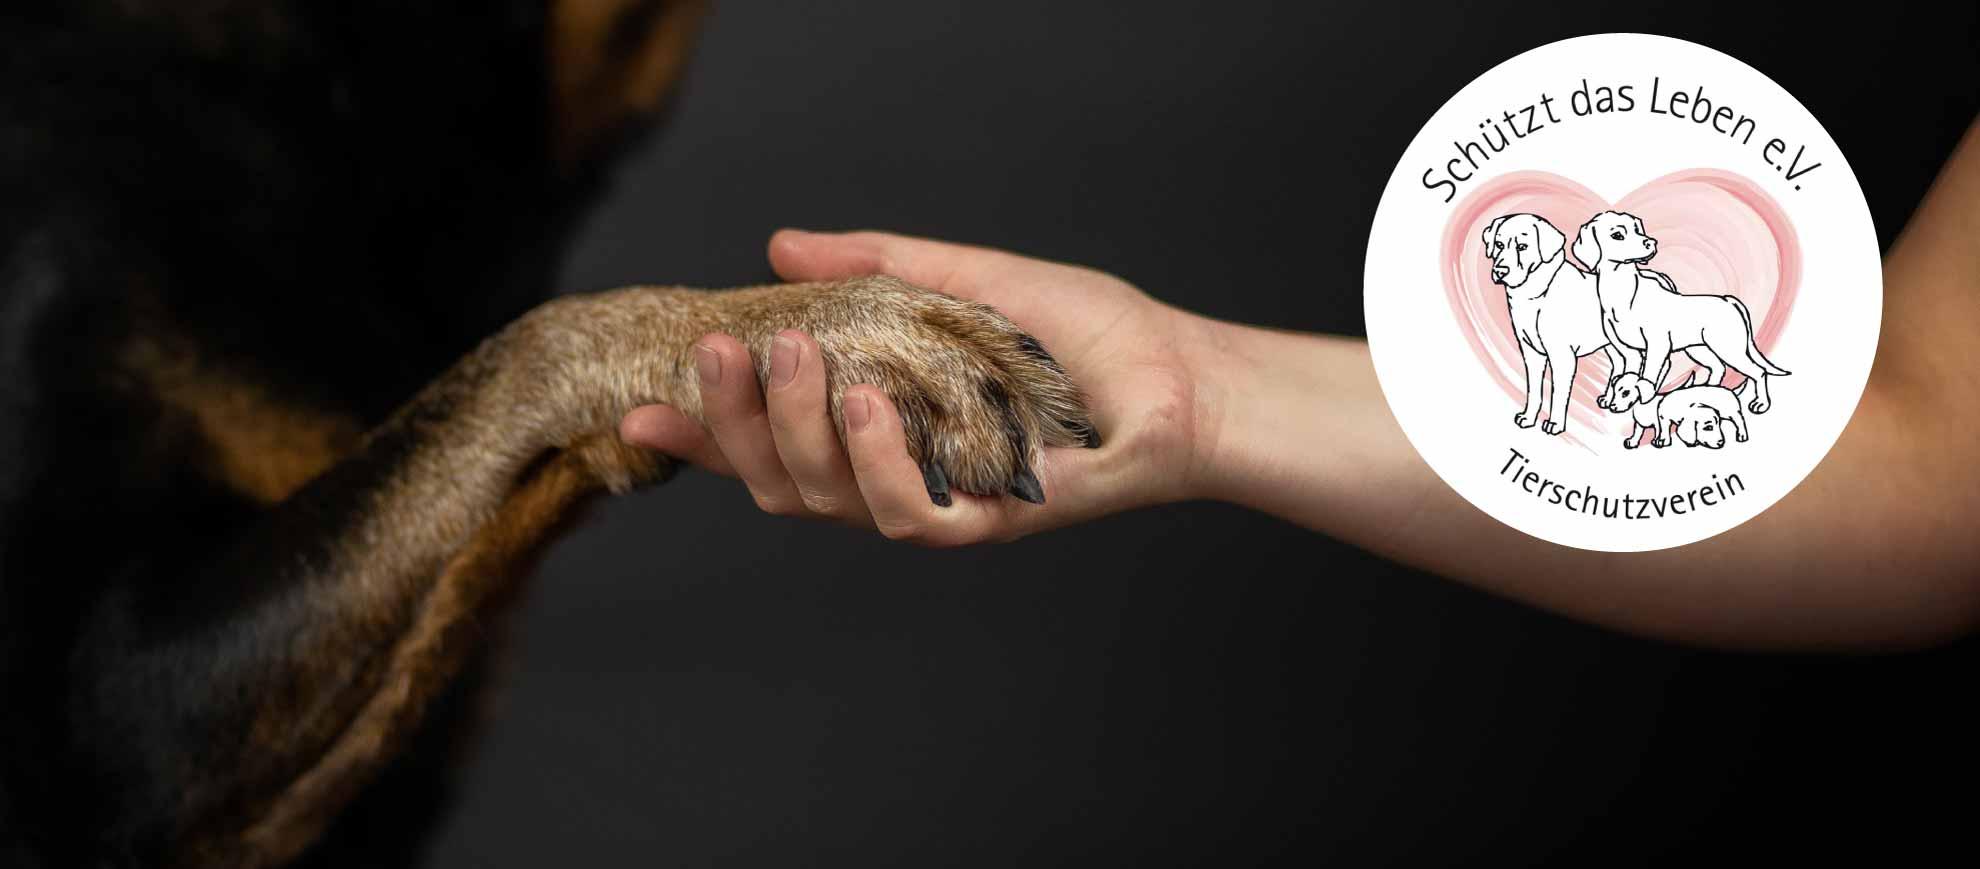 Hundepfote liegt in Menschenhand als Symbol für Kontakt und Vertrauen